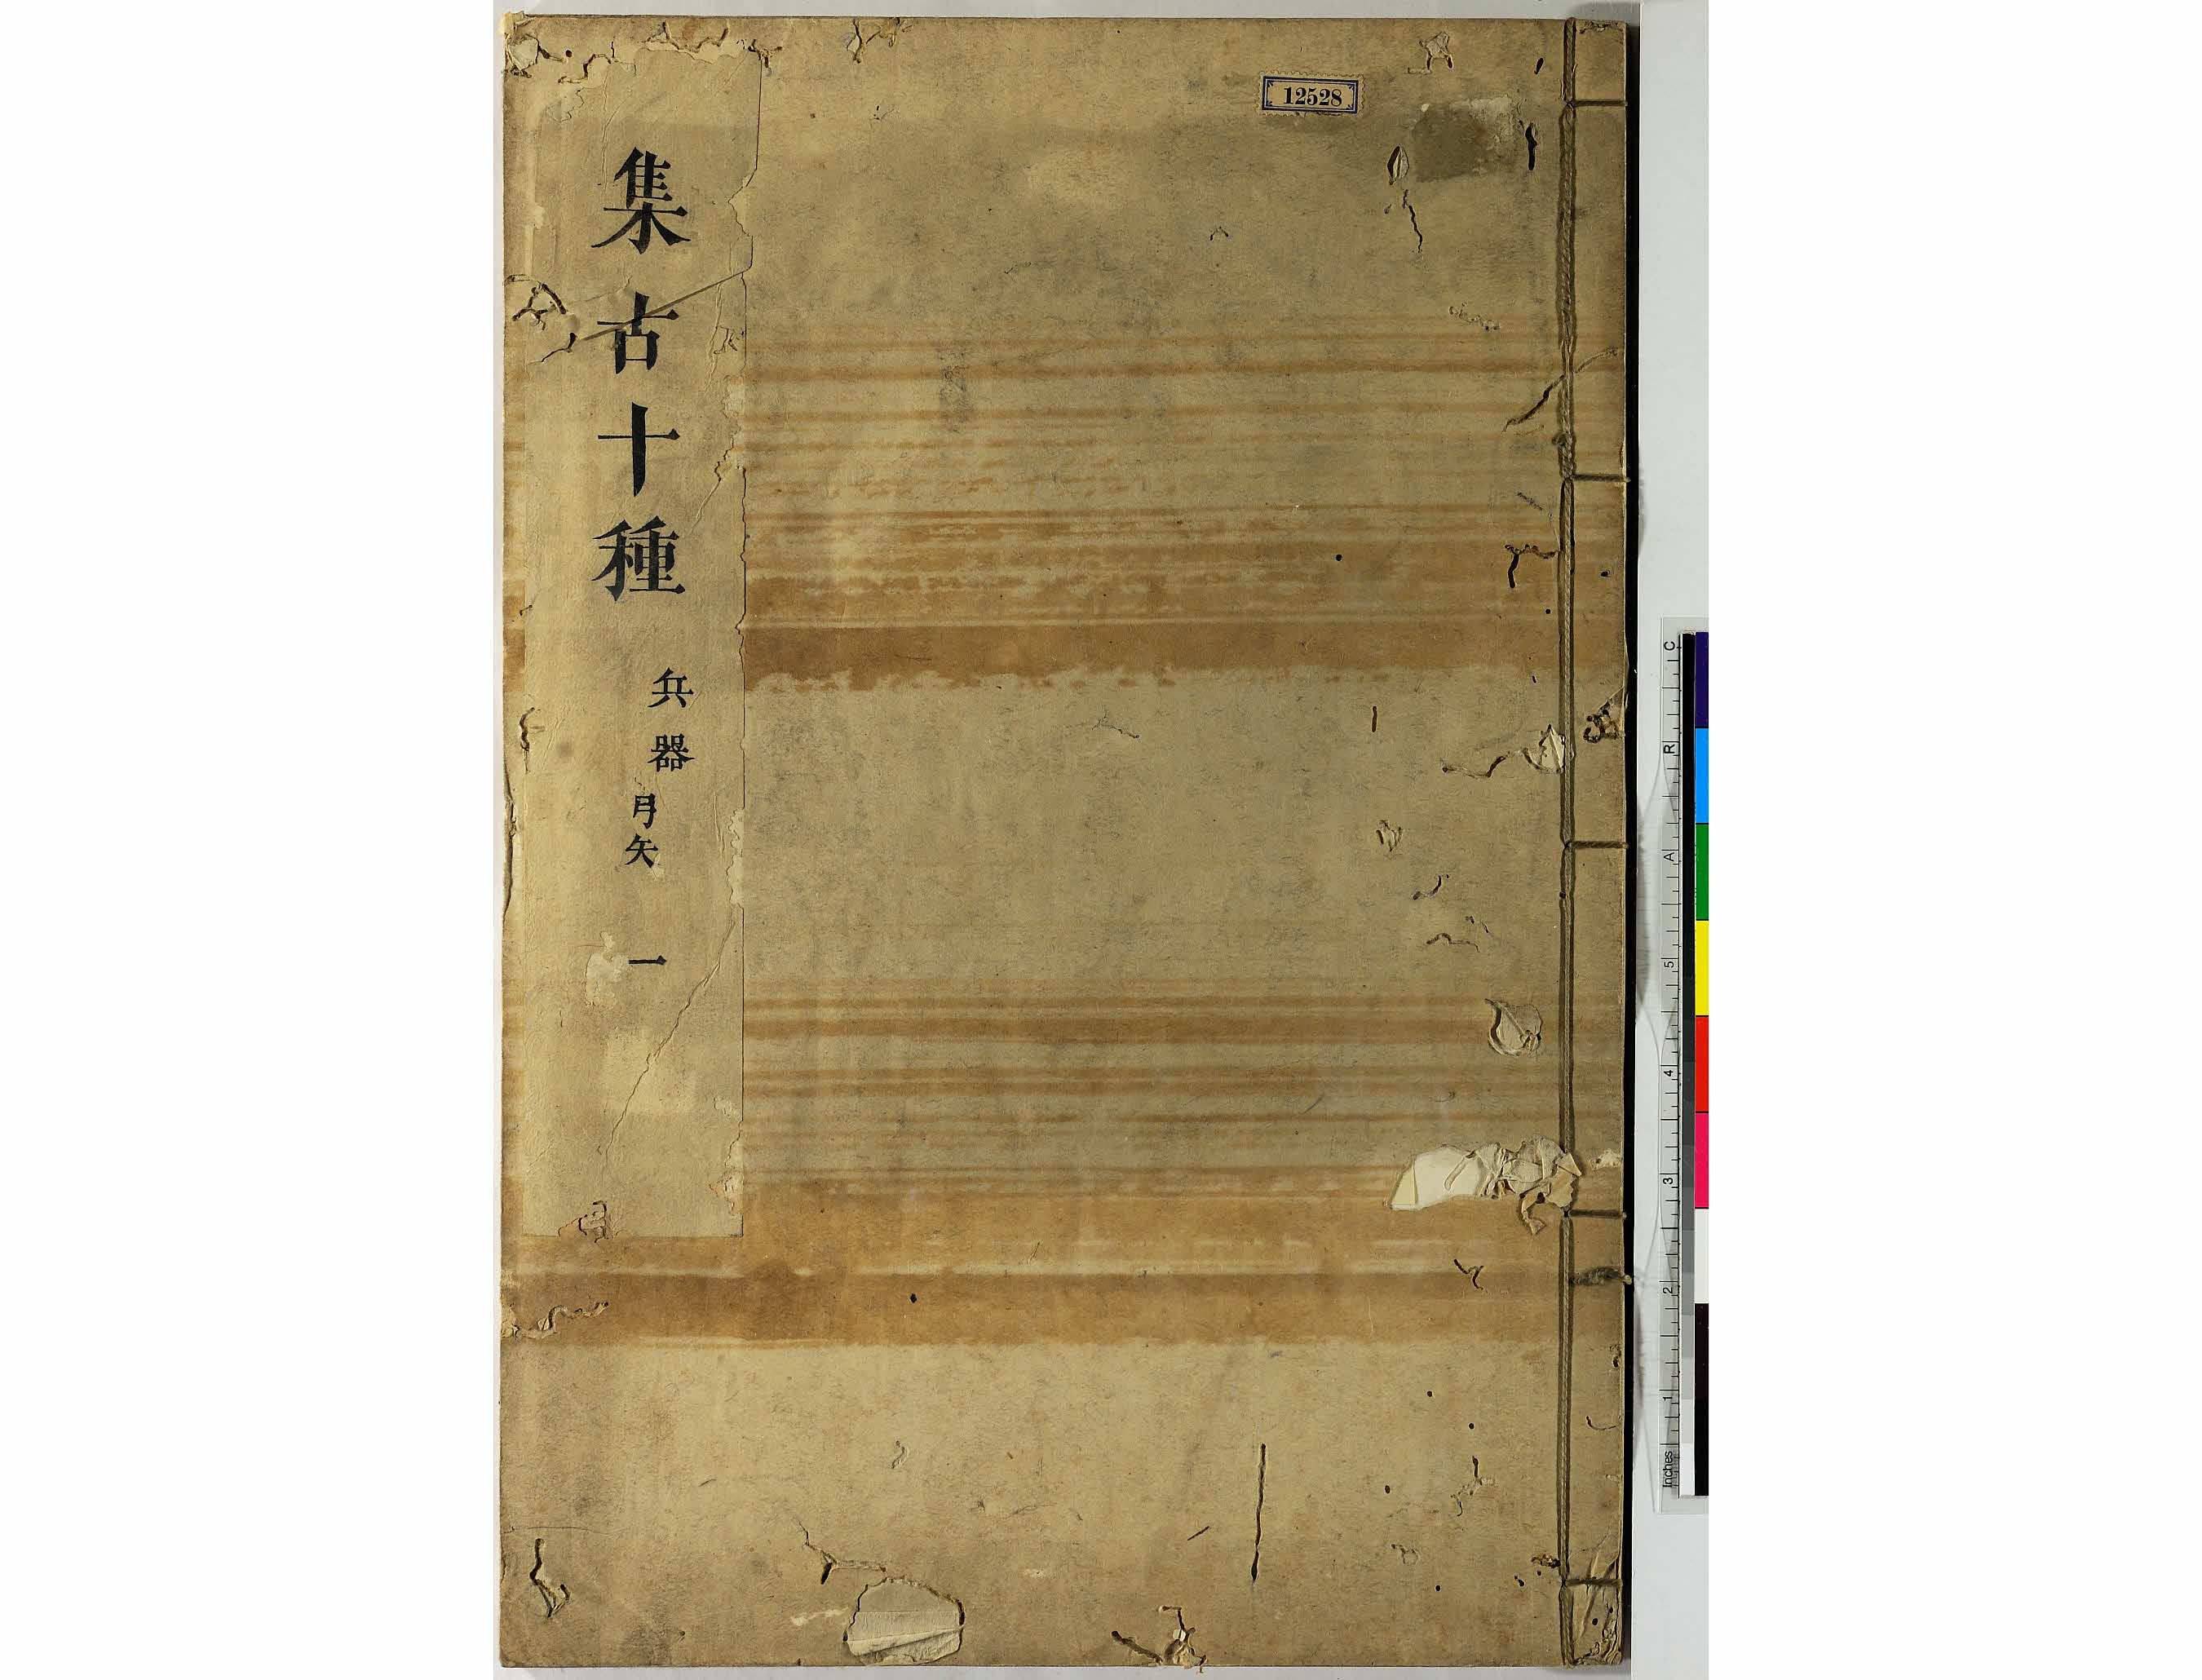 motivi decorativi astratti (coperta di libro) di Sadanobu I - ambito giapponese (secc. XVIII/ XIX)